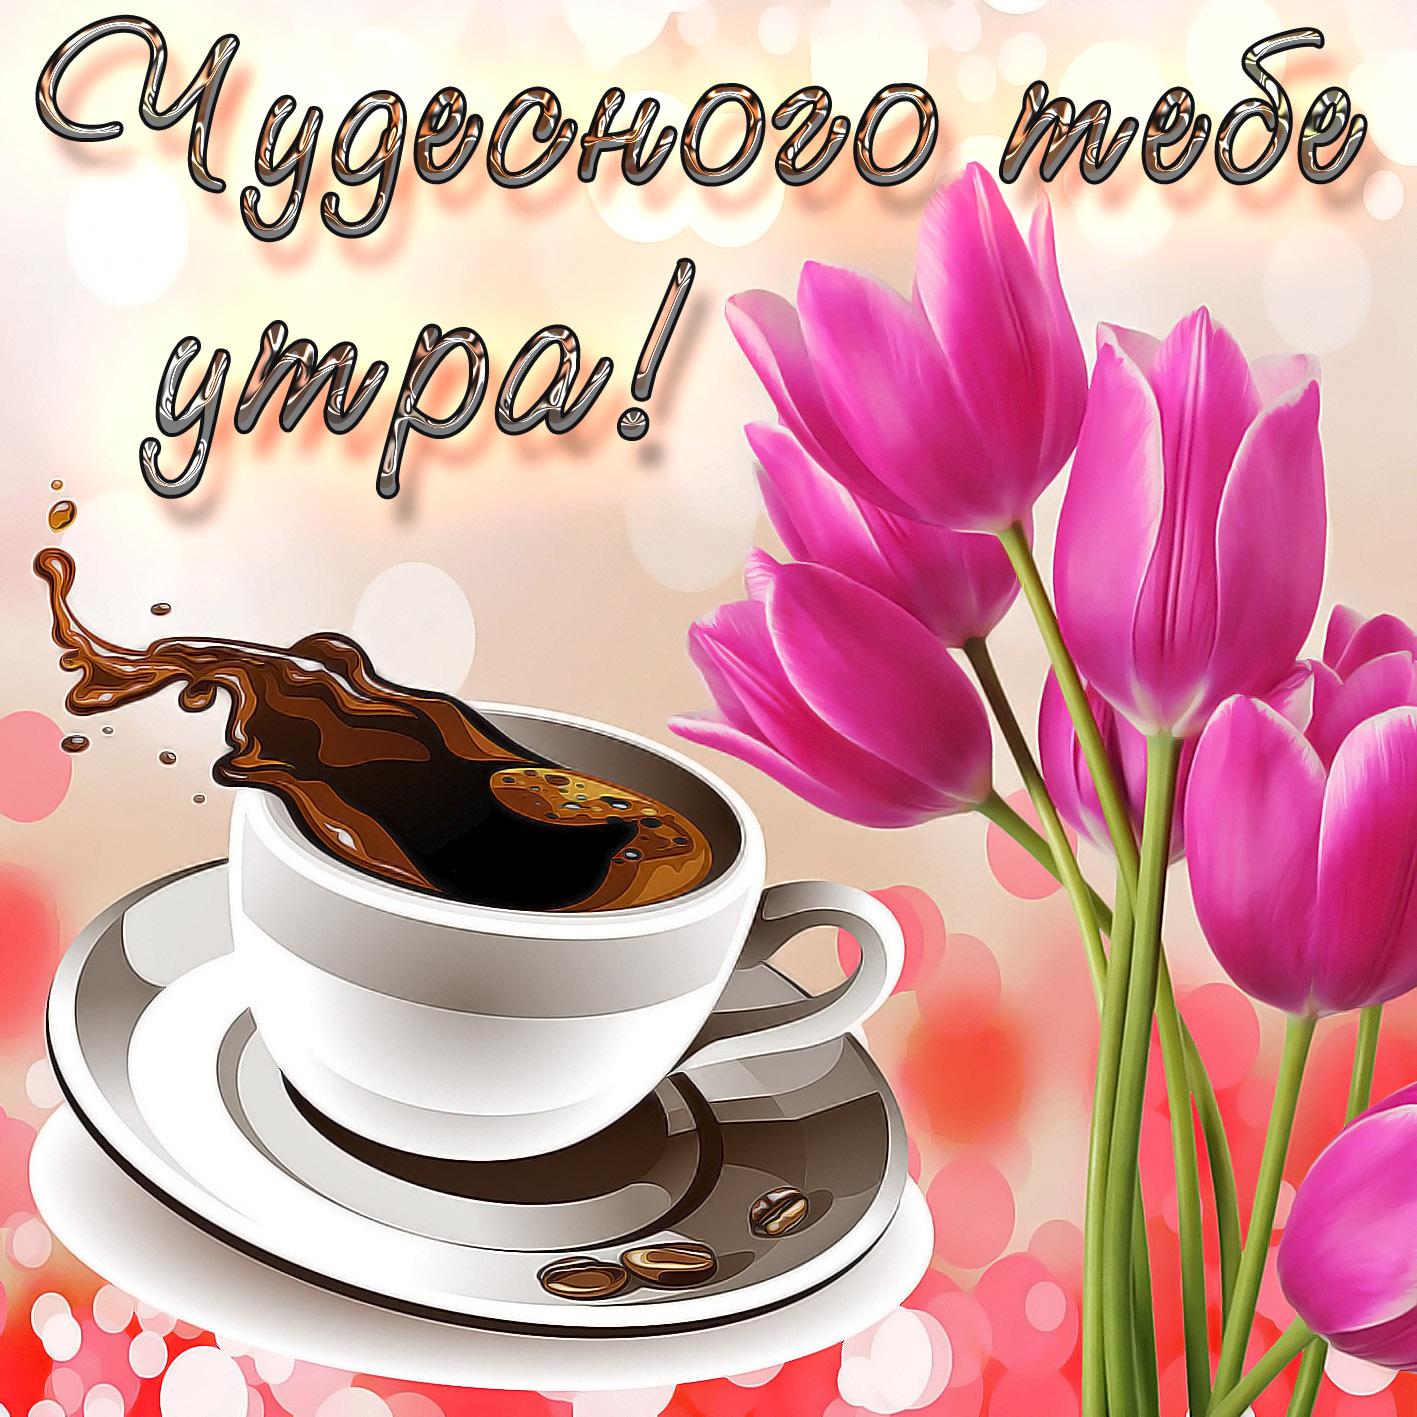 Цветы, доброе утро картинки поздравления с добрым утром чтобы пе